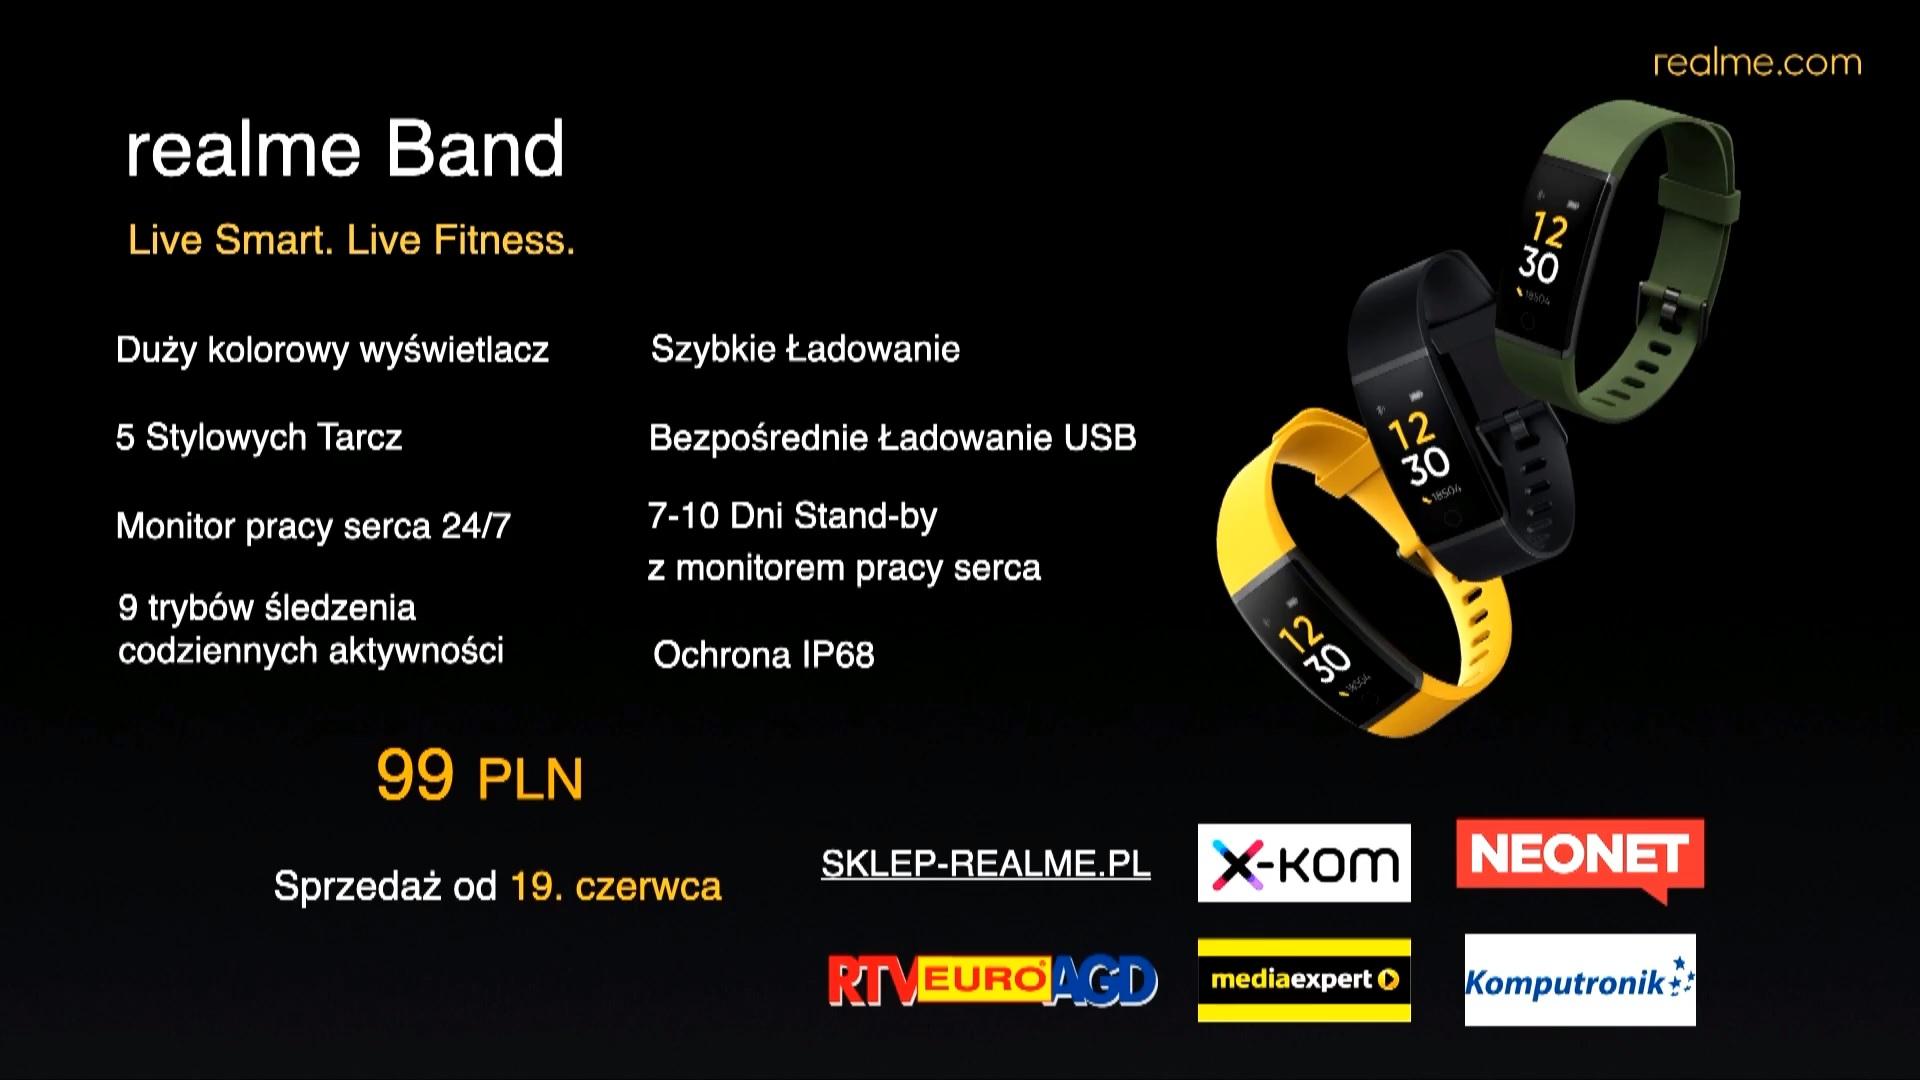 realme Band price Poland